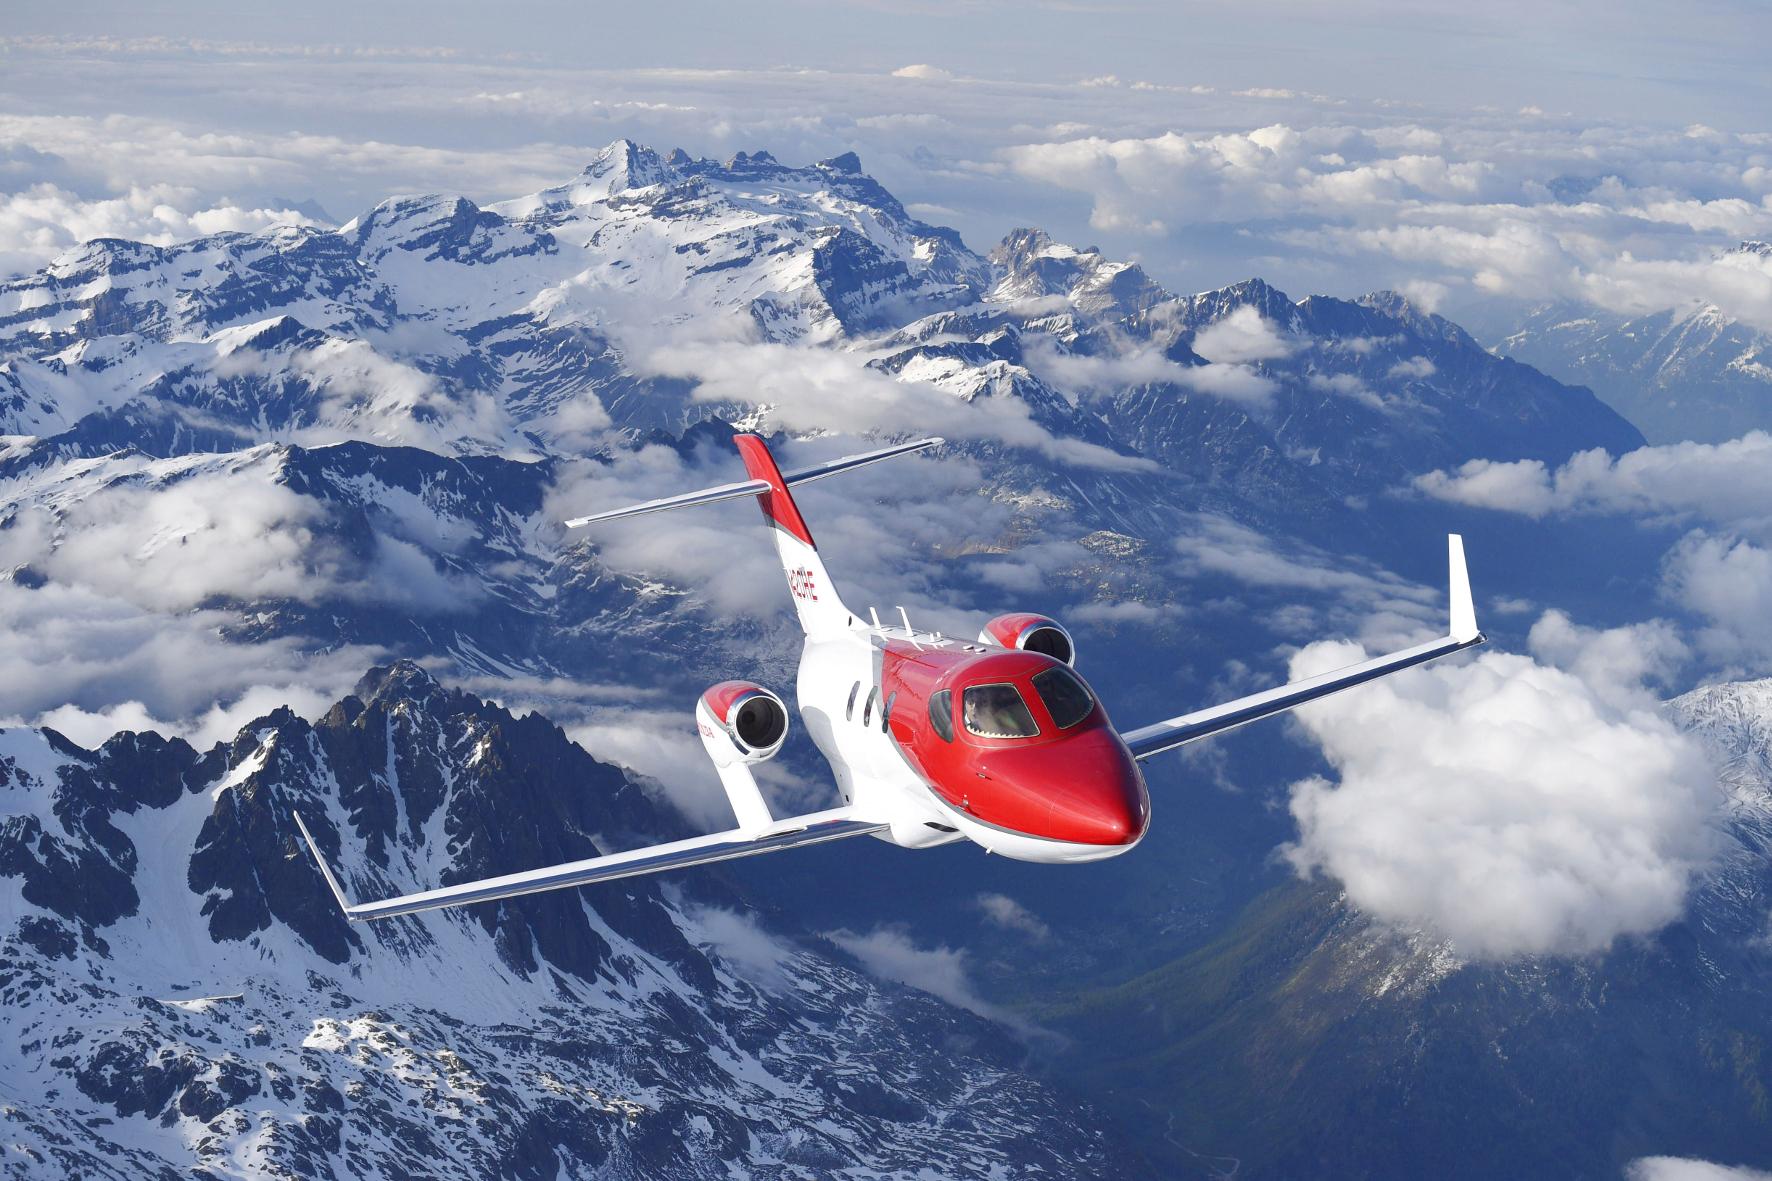 mid Groß-Gerau - Honda's Business Jet hebt ab: Der HondaJet hat jetzt die Freigabe der US-Luftfahrtbehörde erhalten. Er soll das schnellste und verbrauchsärmste Flugzeug seiner Klasse sein.